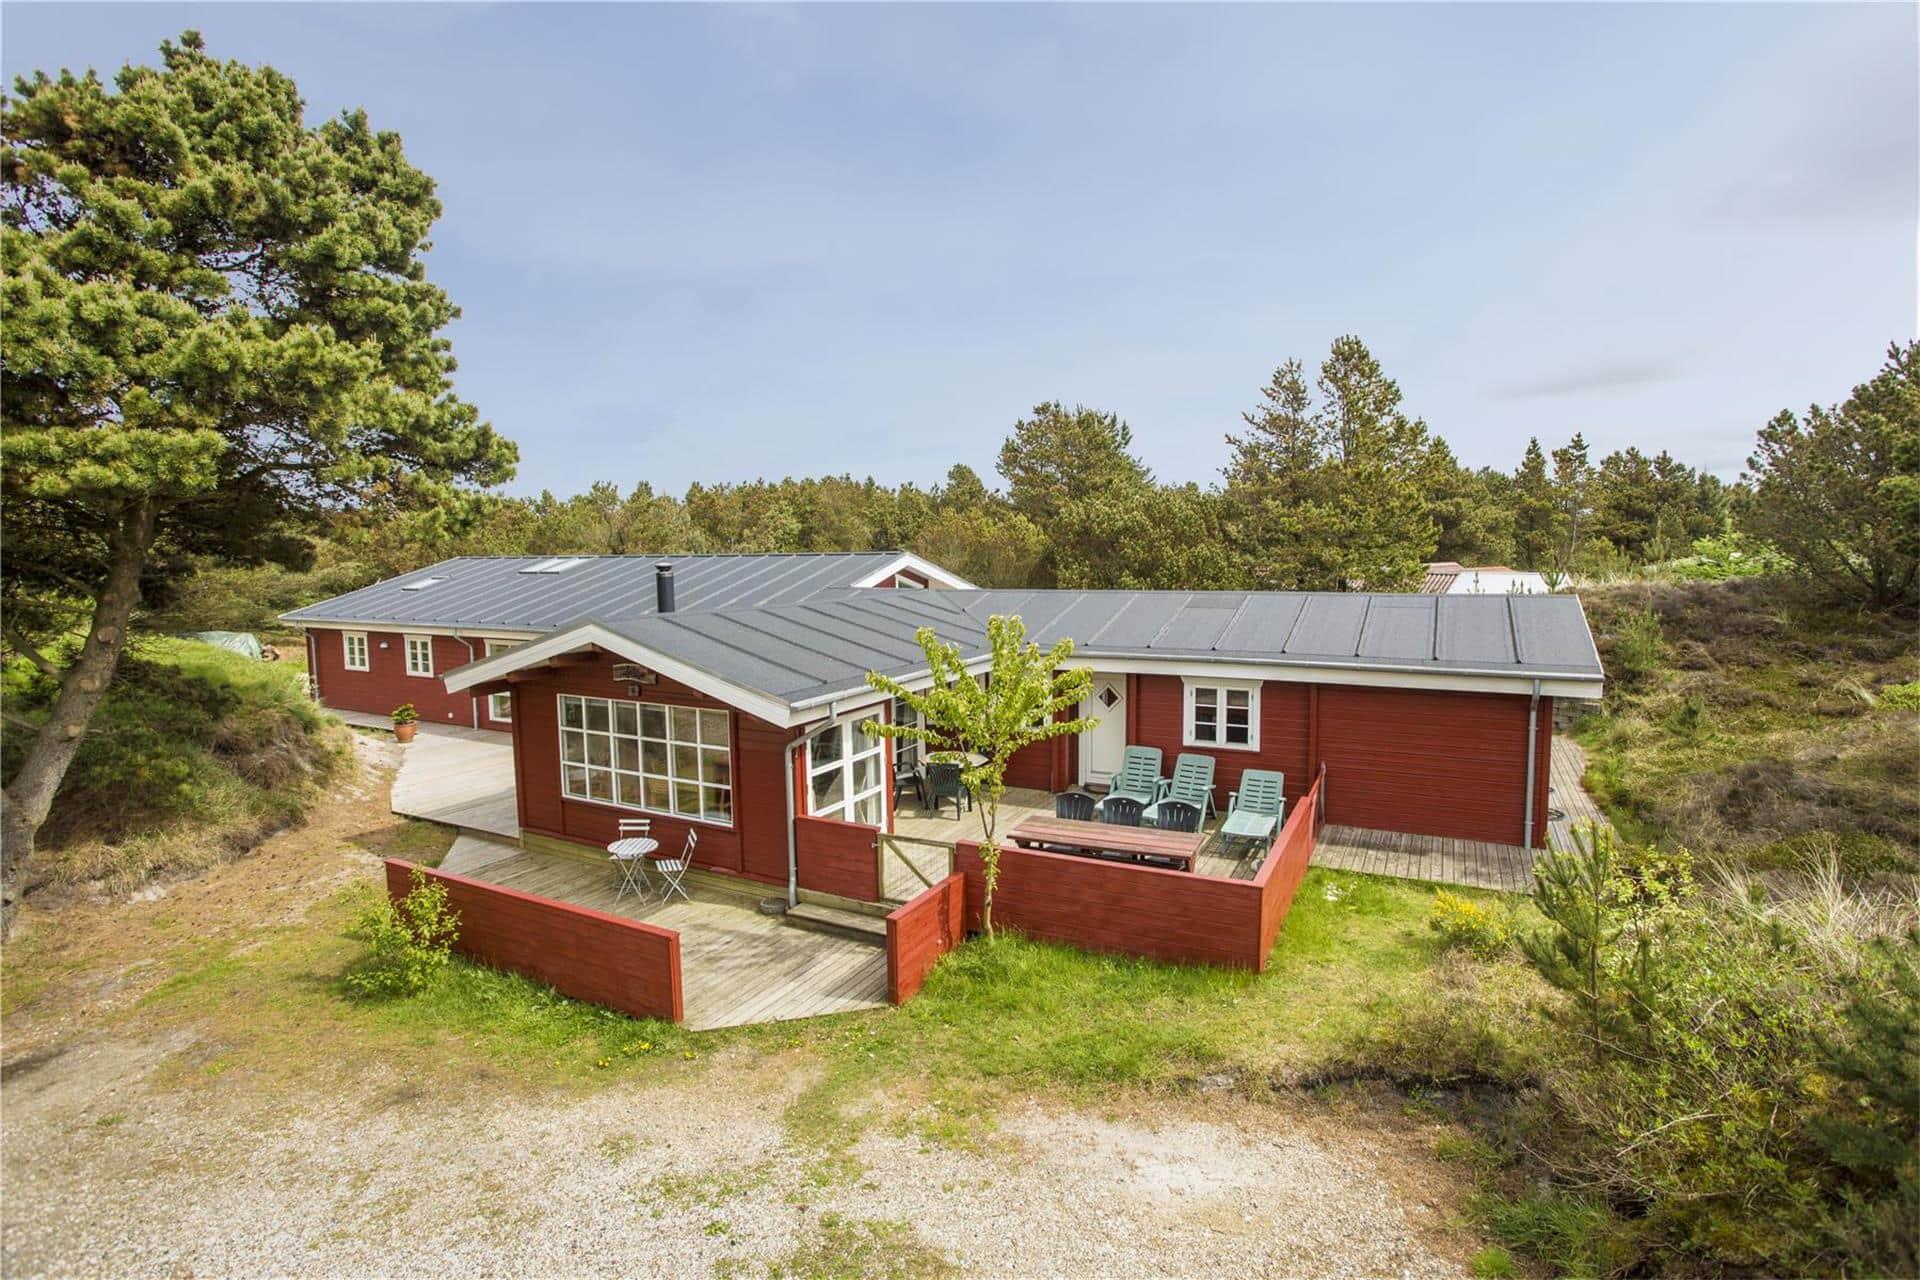 Bild 1-125 Ferienhaus 2124, Tjurvej 6, DK - 6854 Henne